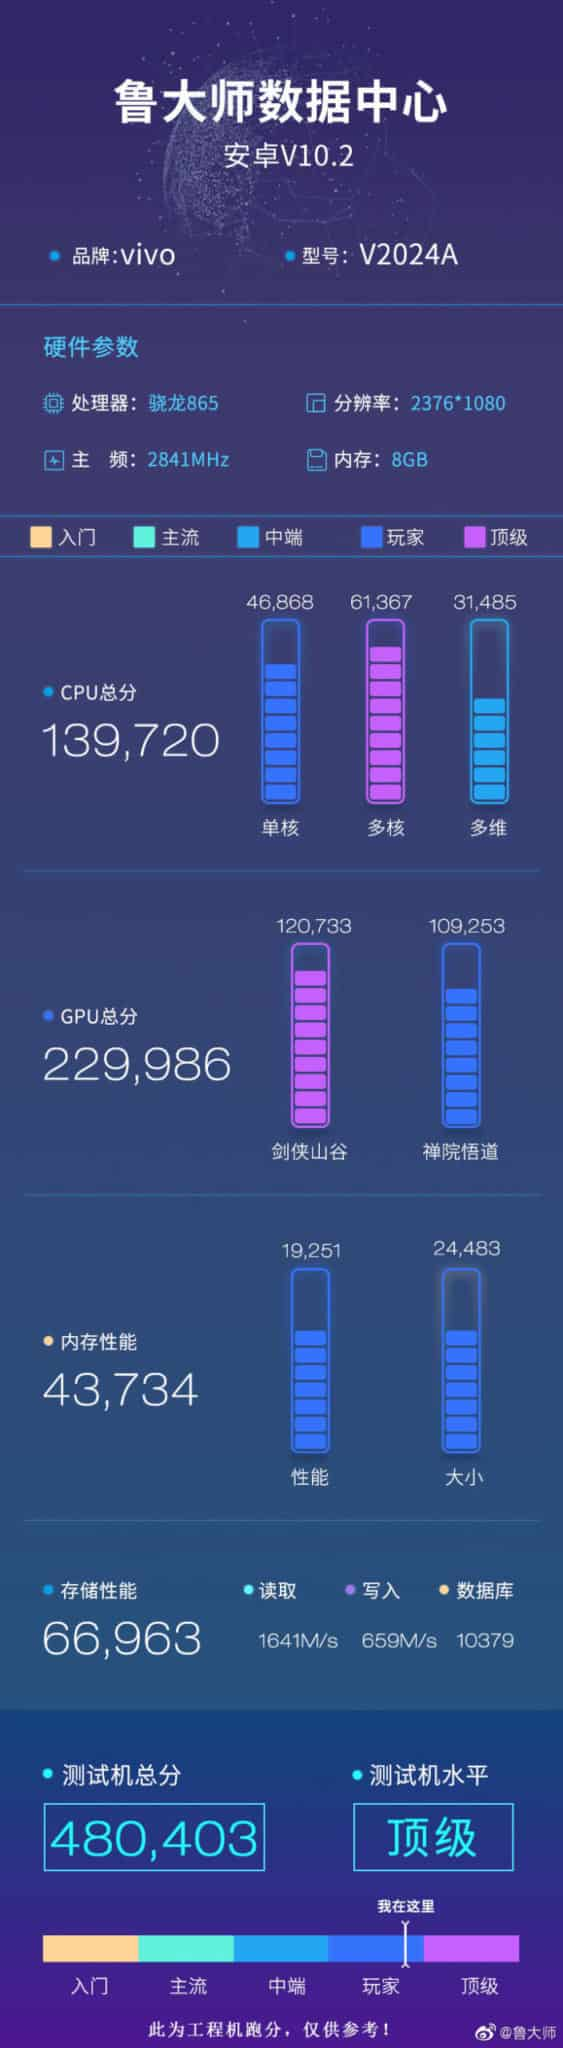 IQOO 5 key specifications revealed through Master Lu benchmark